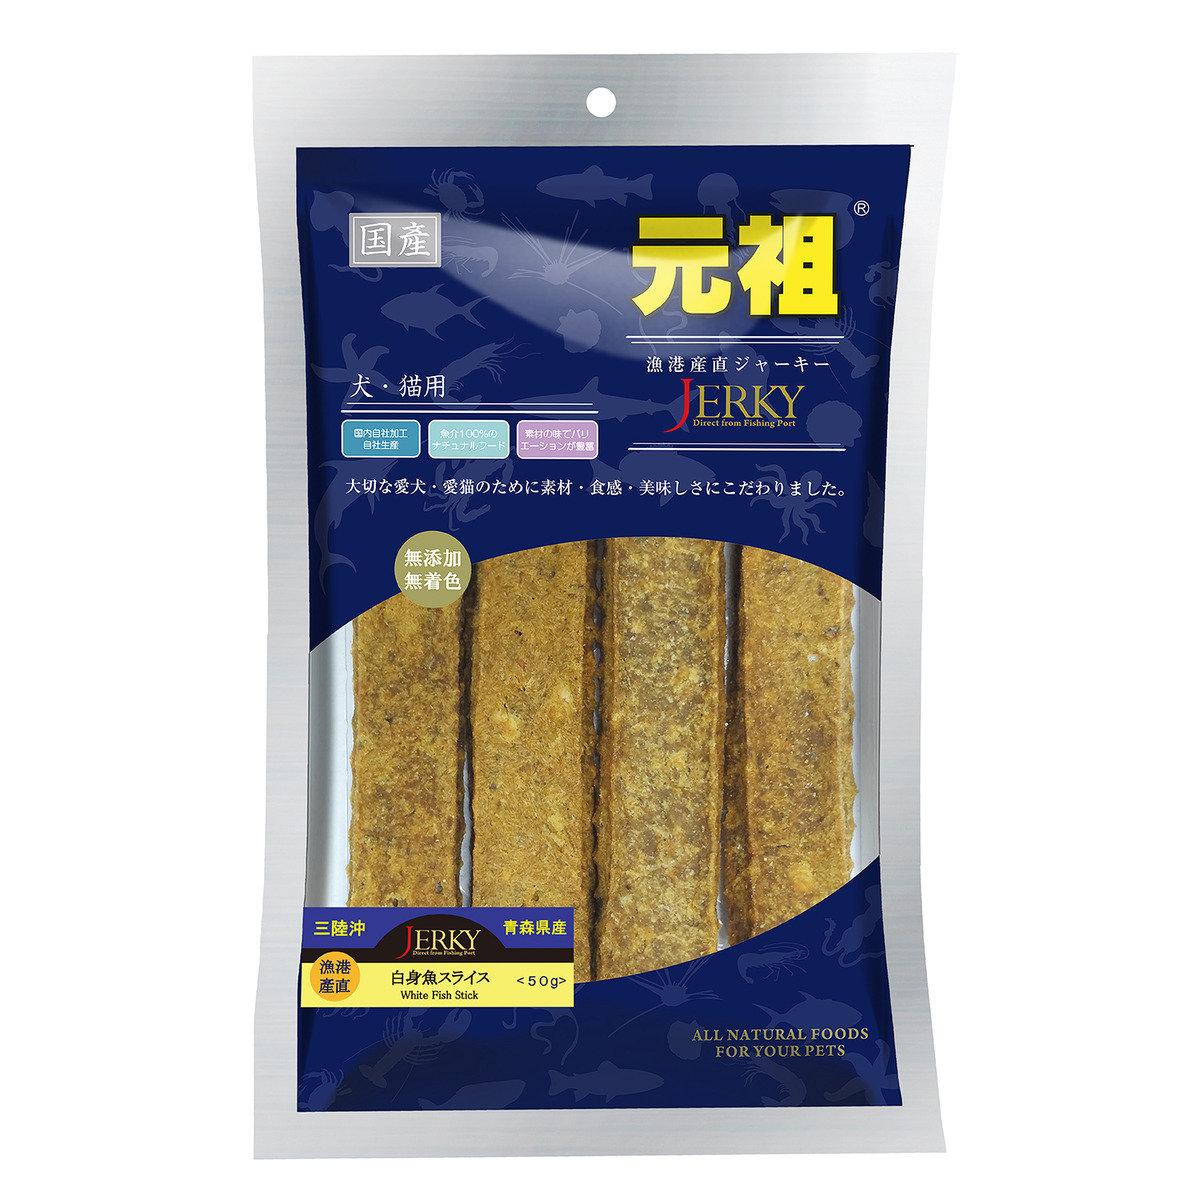 日本直送白身吞拿肉排